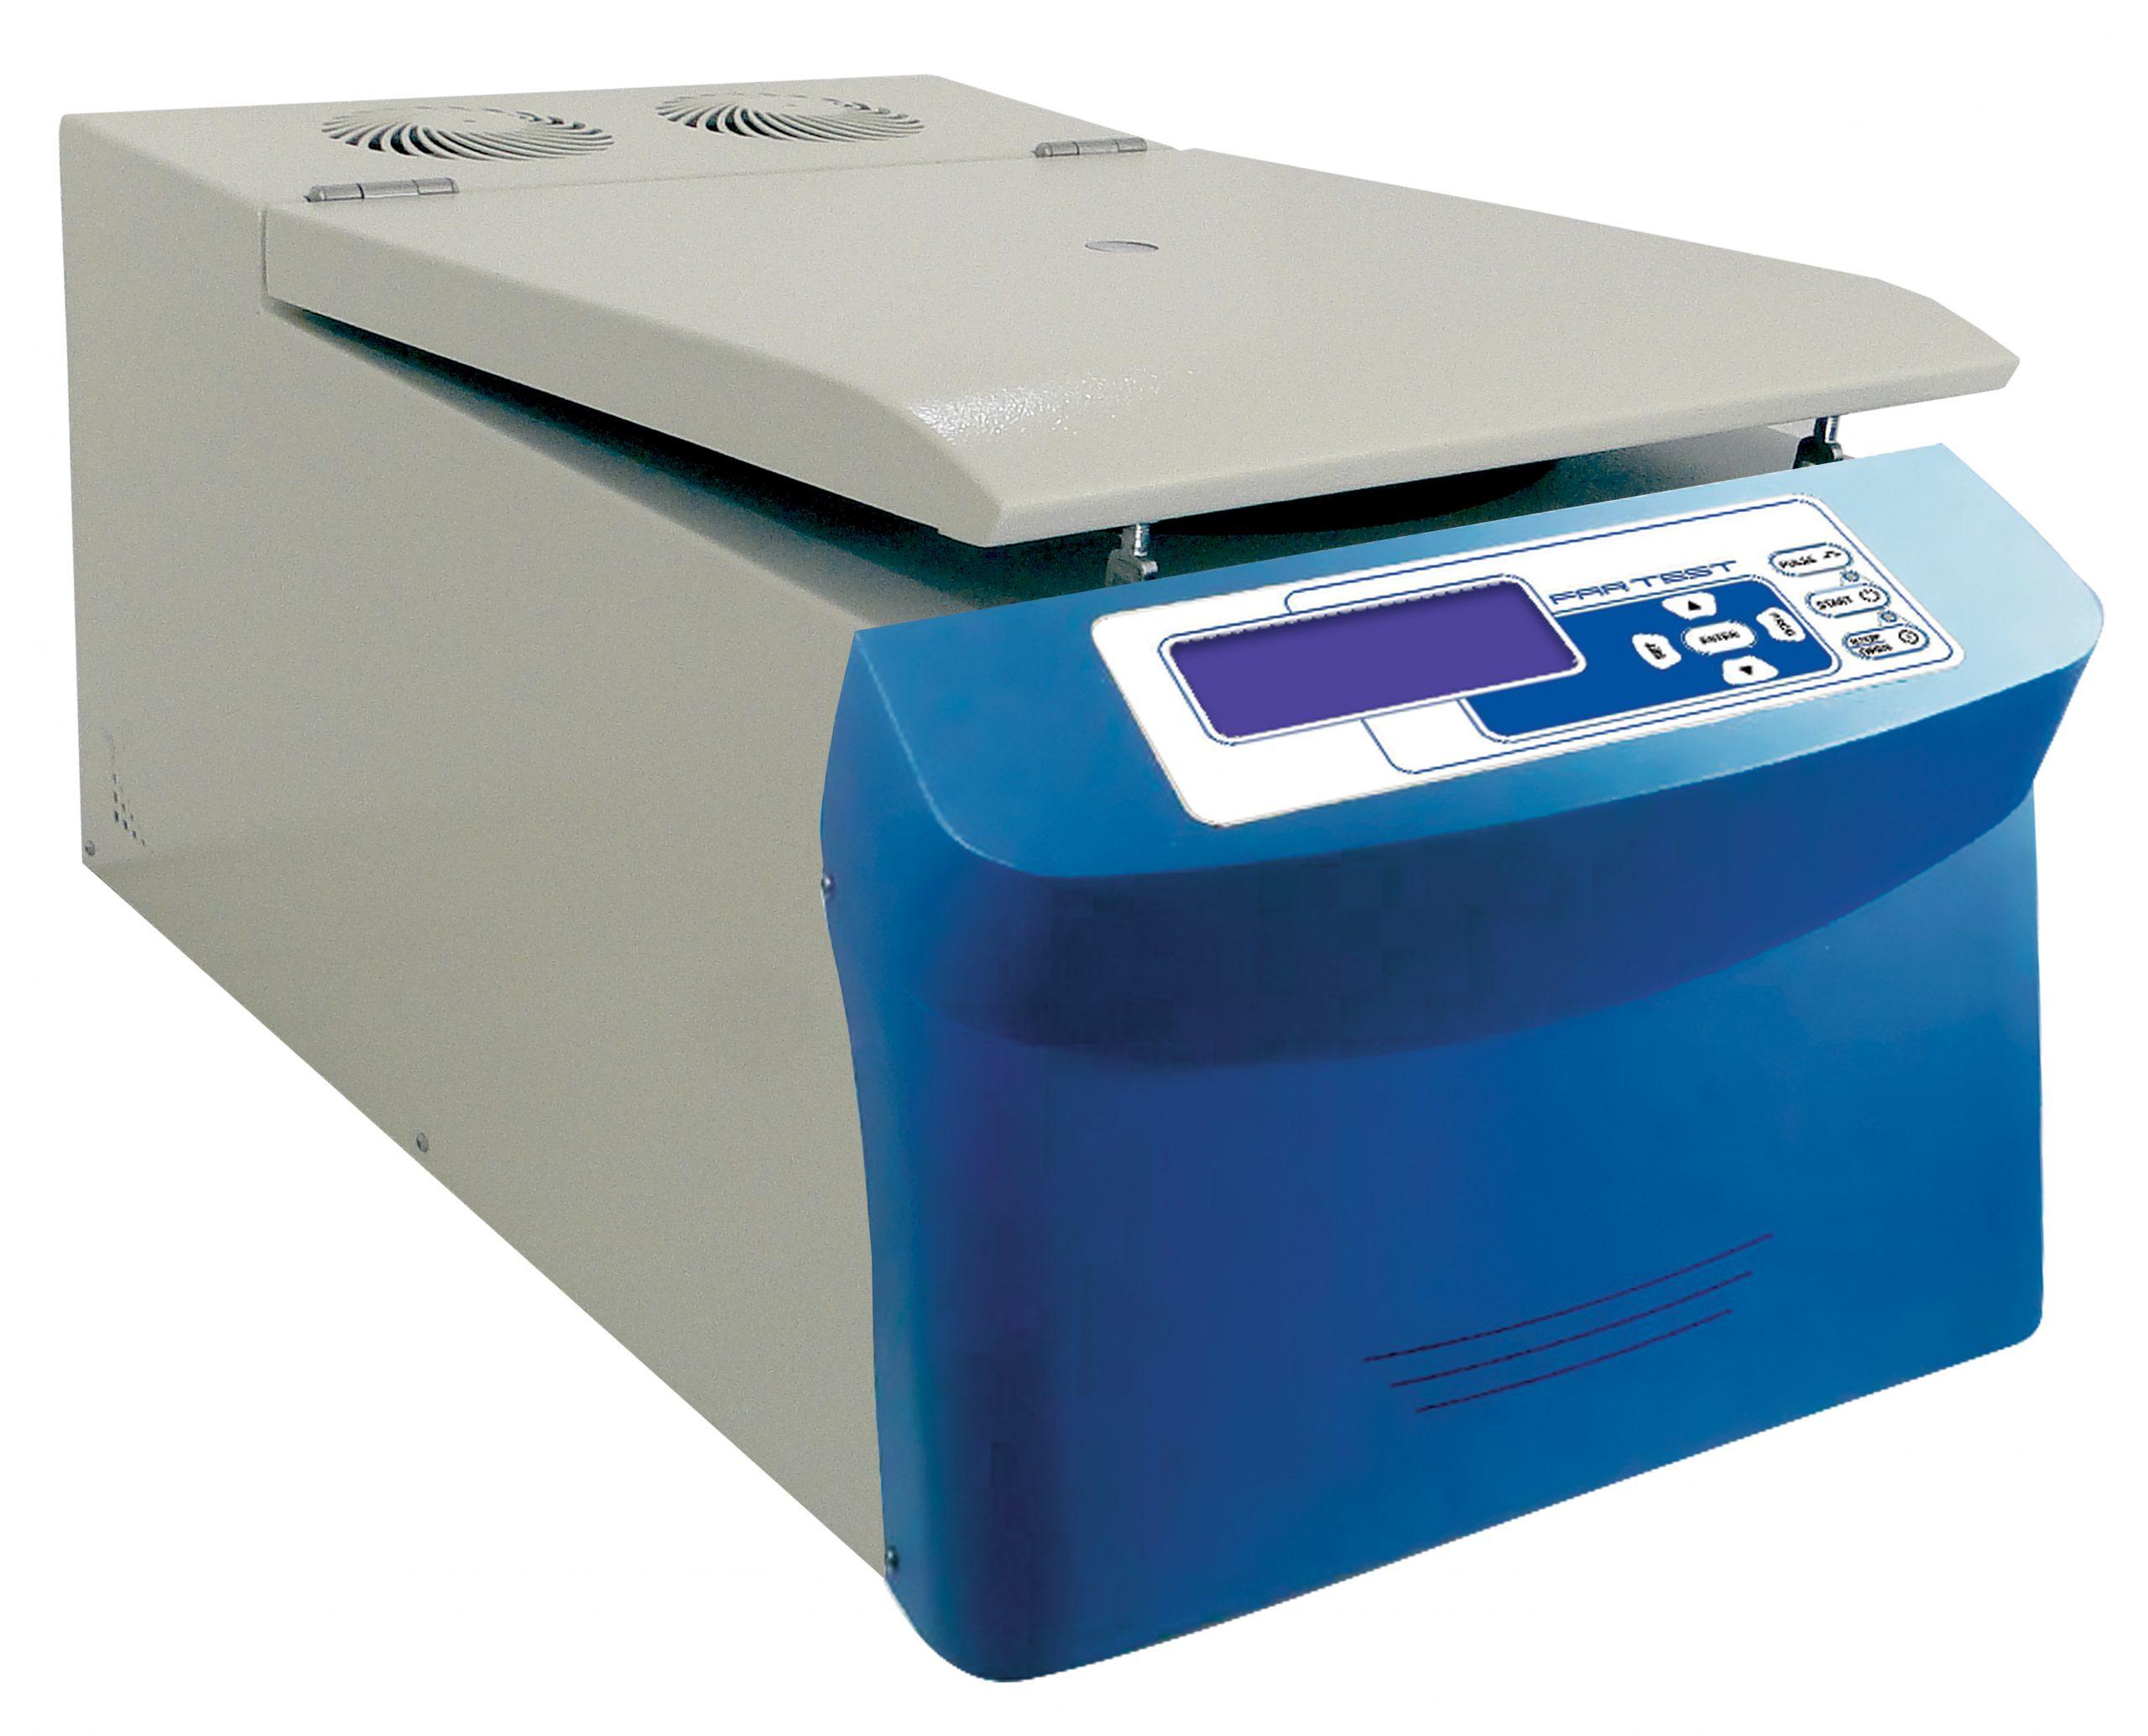 سانتریفیوژ دیجیتال سرعت بالا یخچال دار مدل HS 18500 R